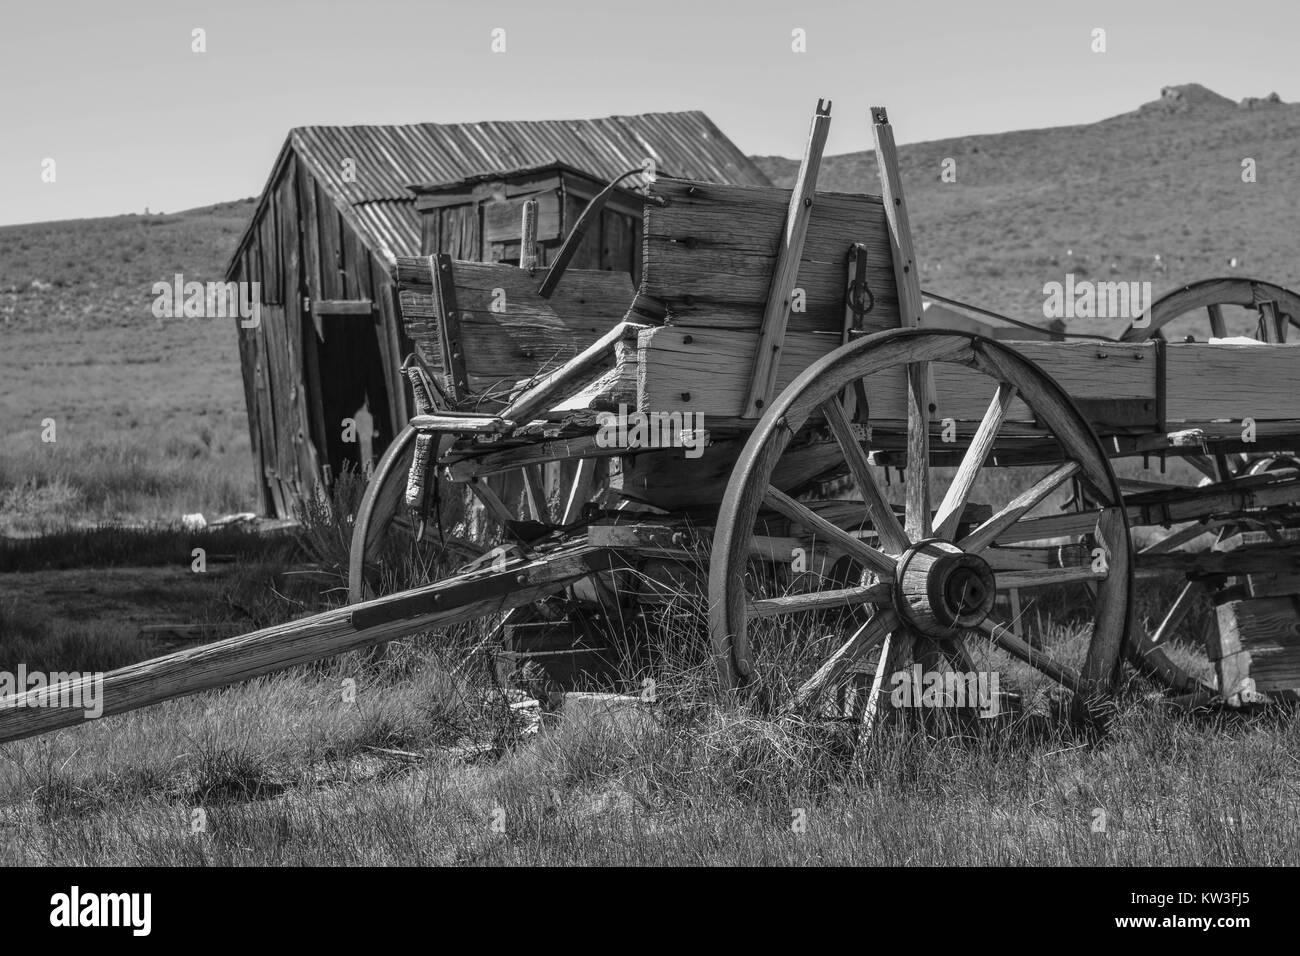 Tourné en noir et blanc d'un vieux wagon et un cabanon, avec des collines et des arbustes, dans la ville Photo Stock